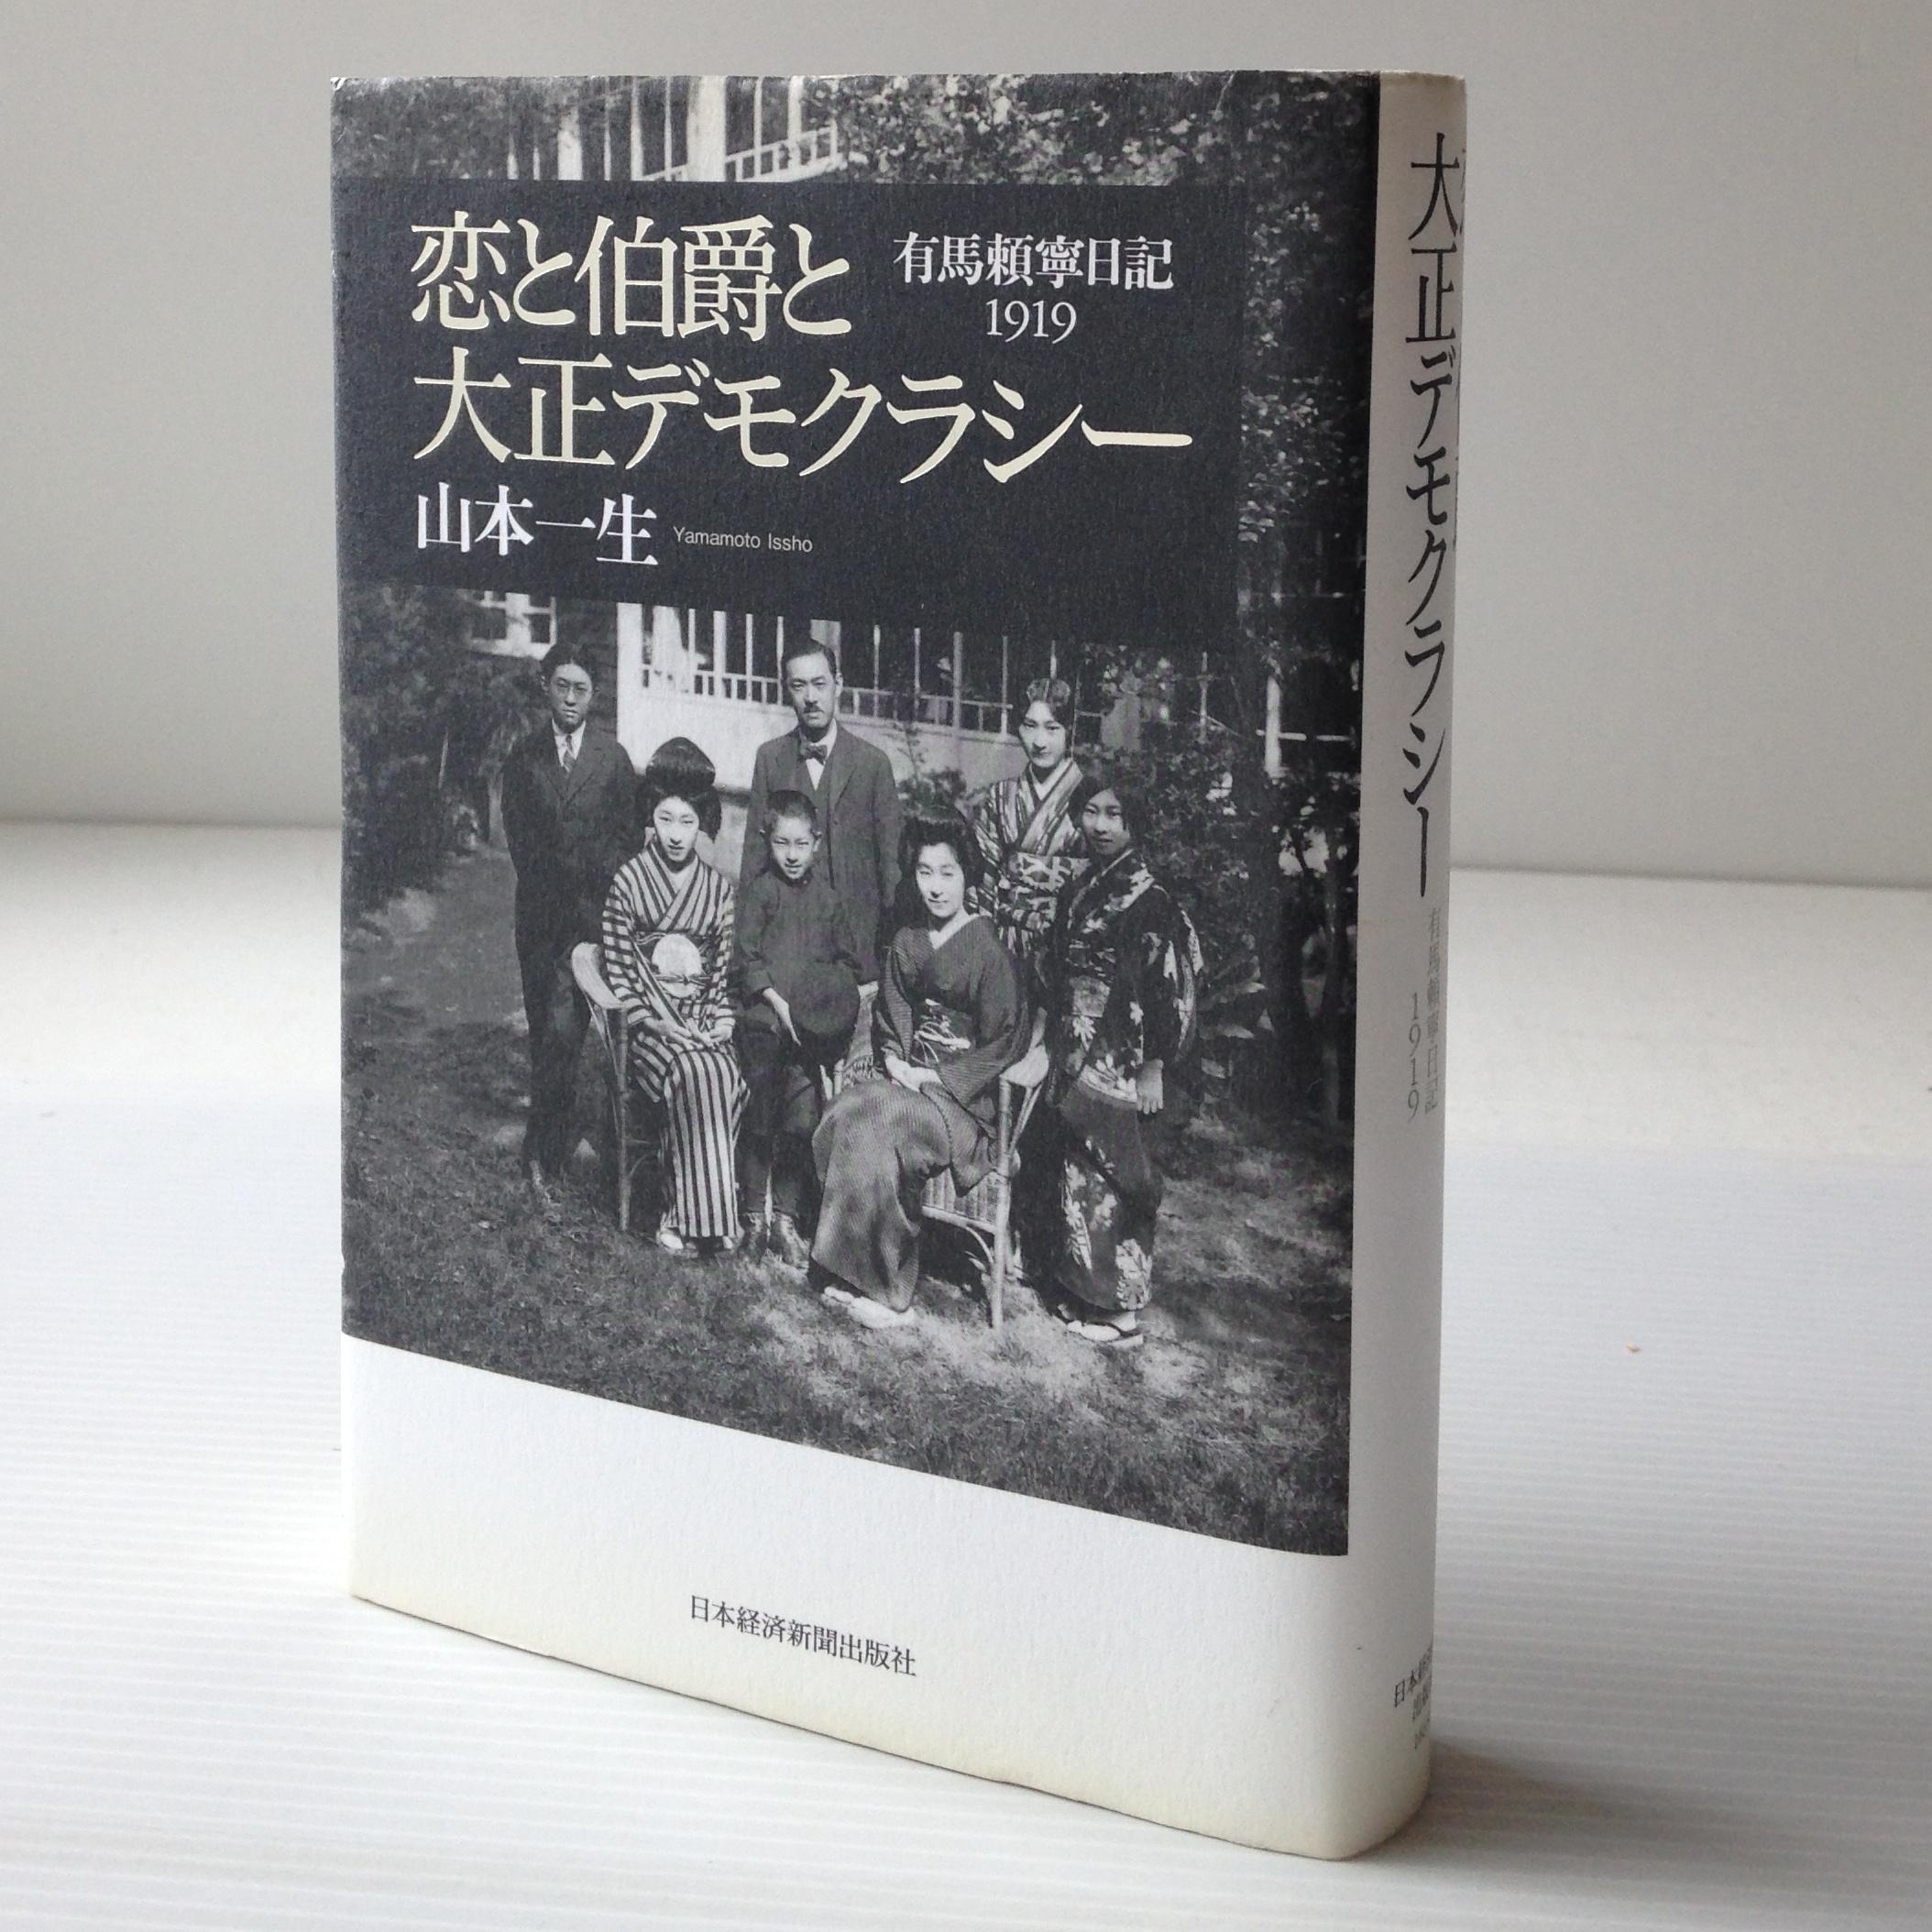 恋と伯爵と大正デモクラシー : 有馬頼寧日記1919 山本一生 著 日本経済 ...